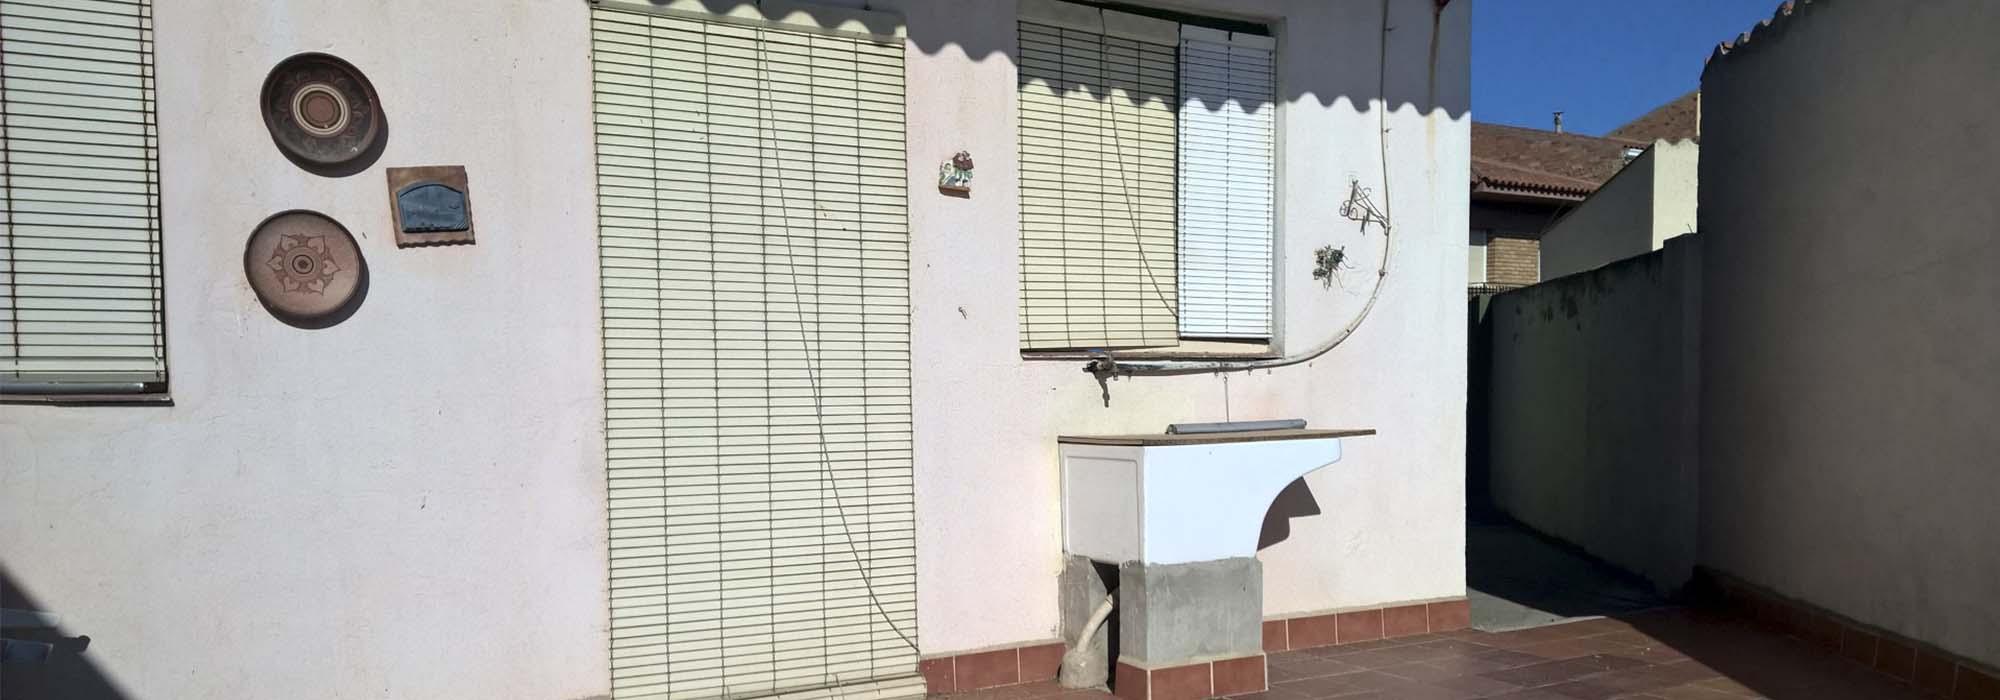 Comprar casa de pueblo conservada-amplia en Torrelameu